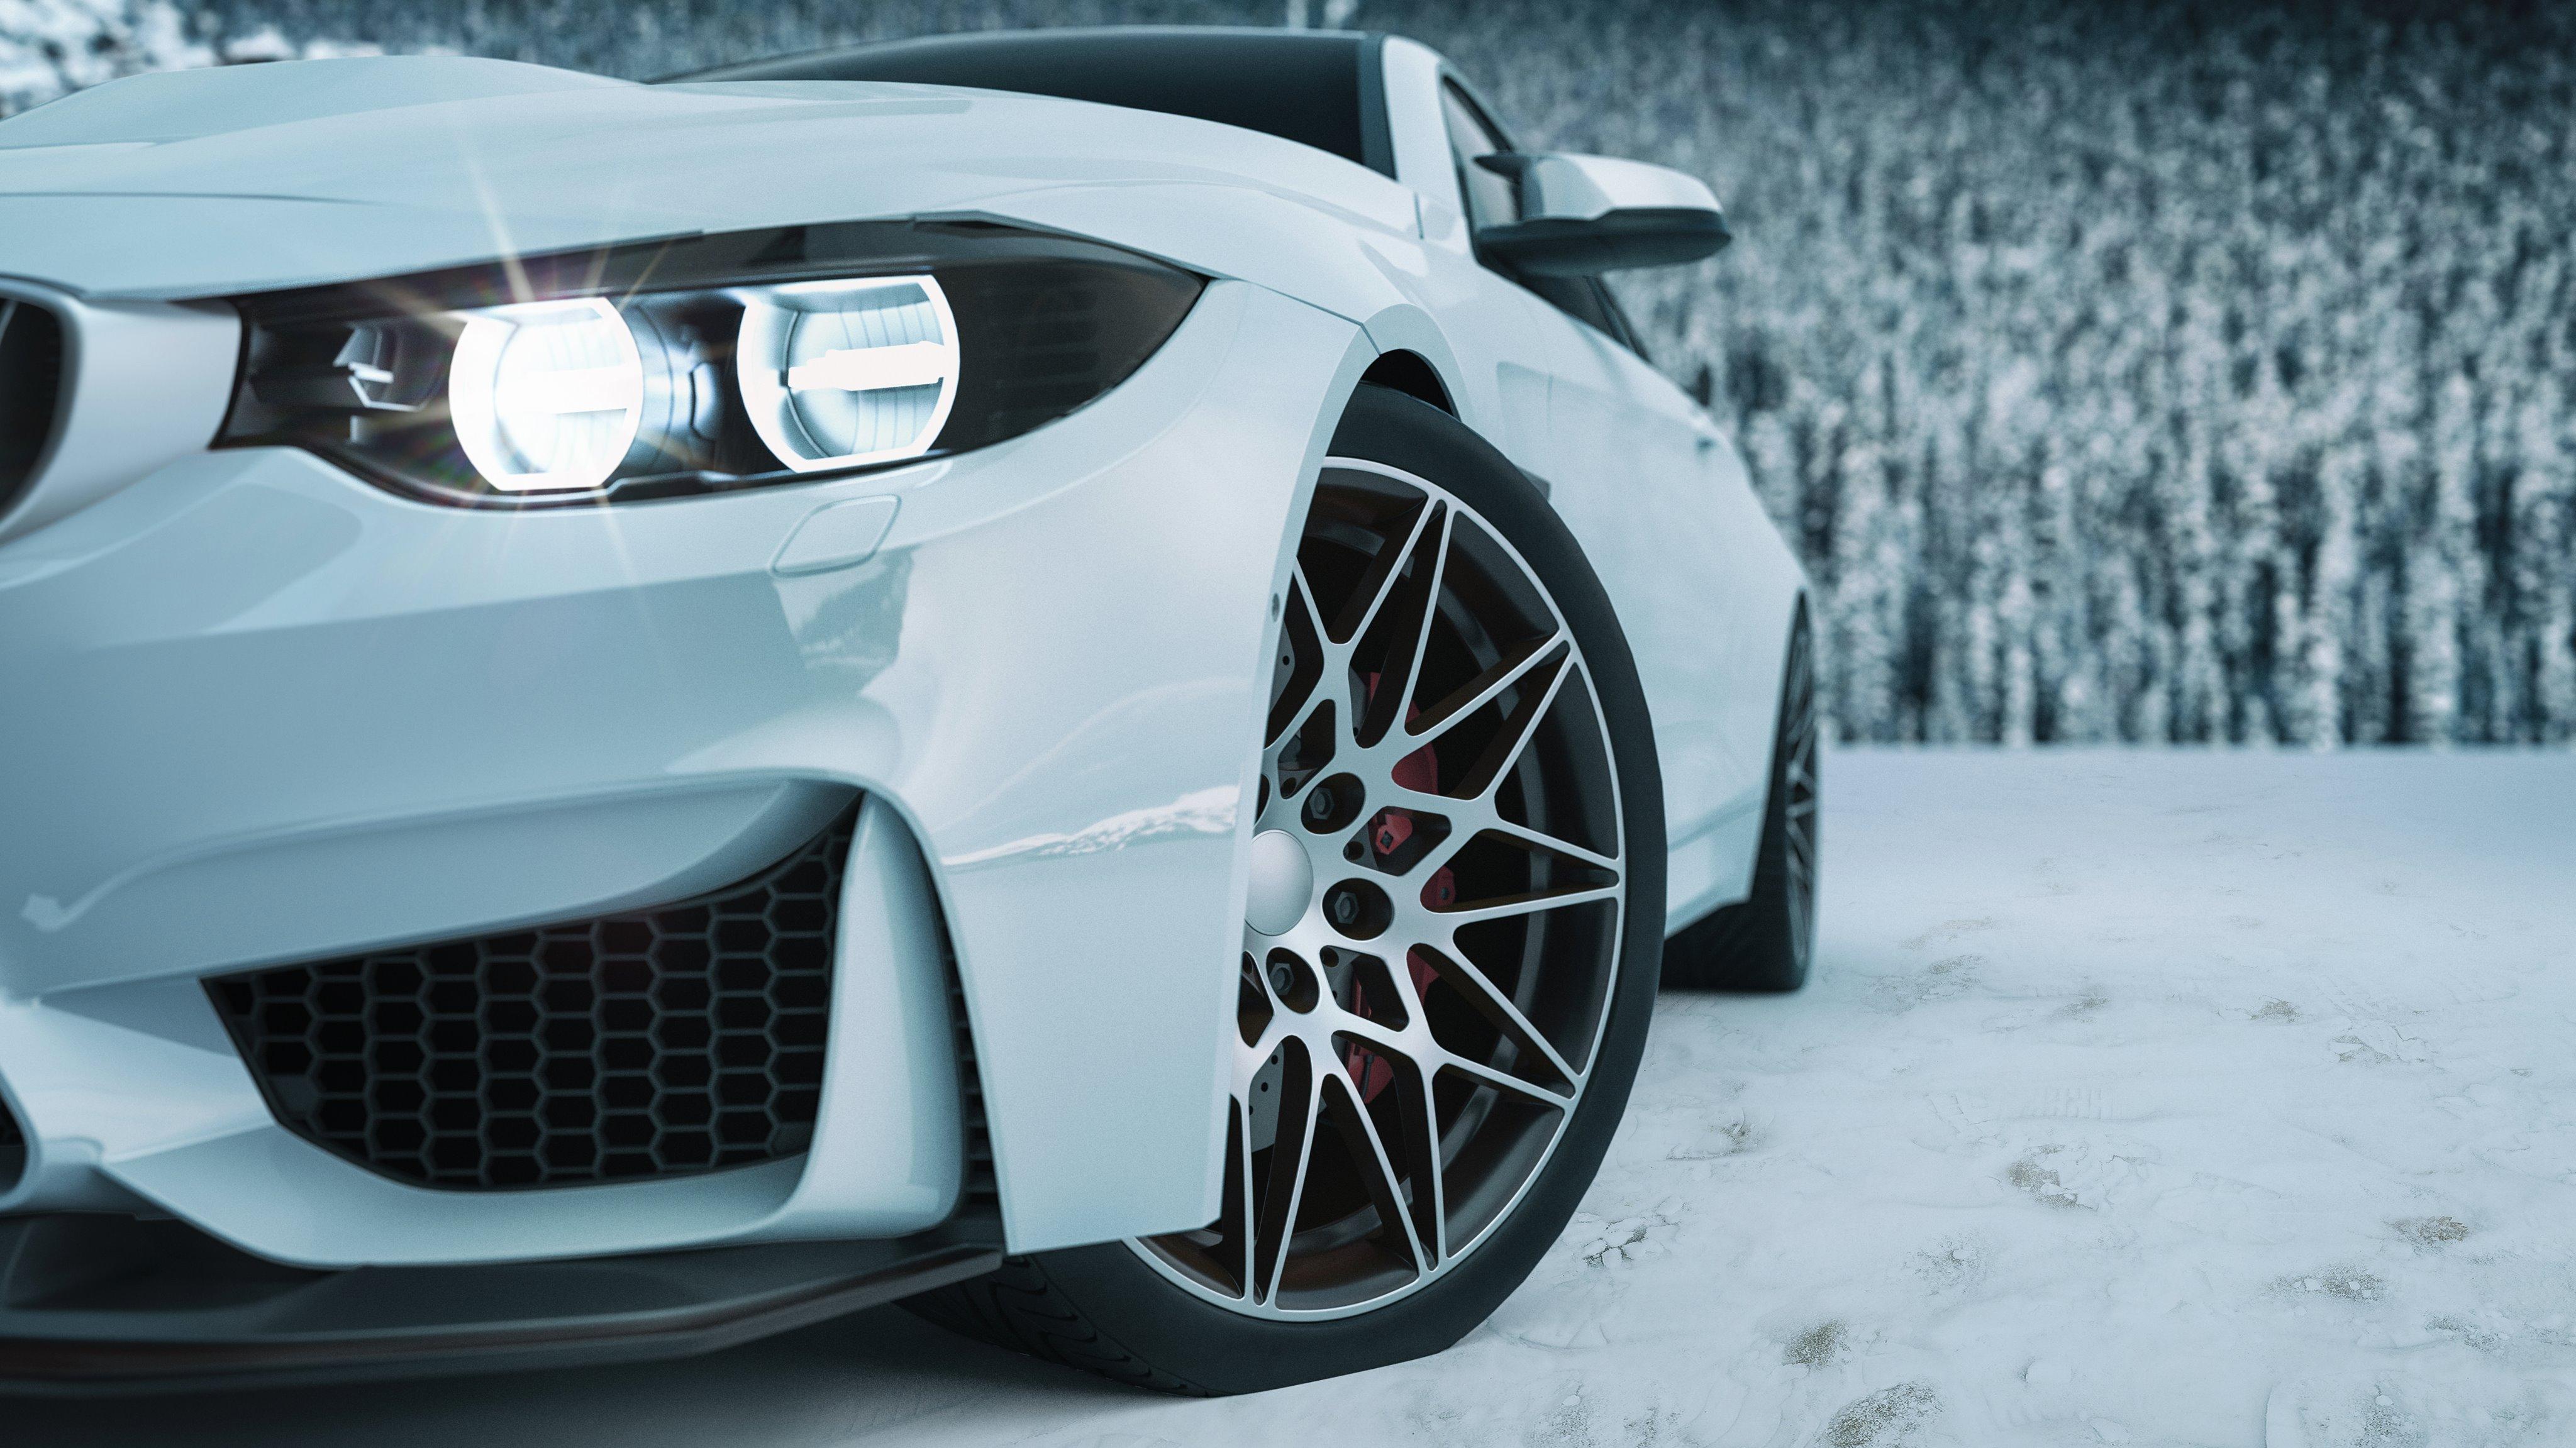 Προετοιμασία αυτοκίνητου για τον χειμώνα